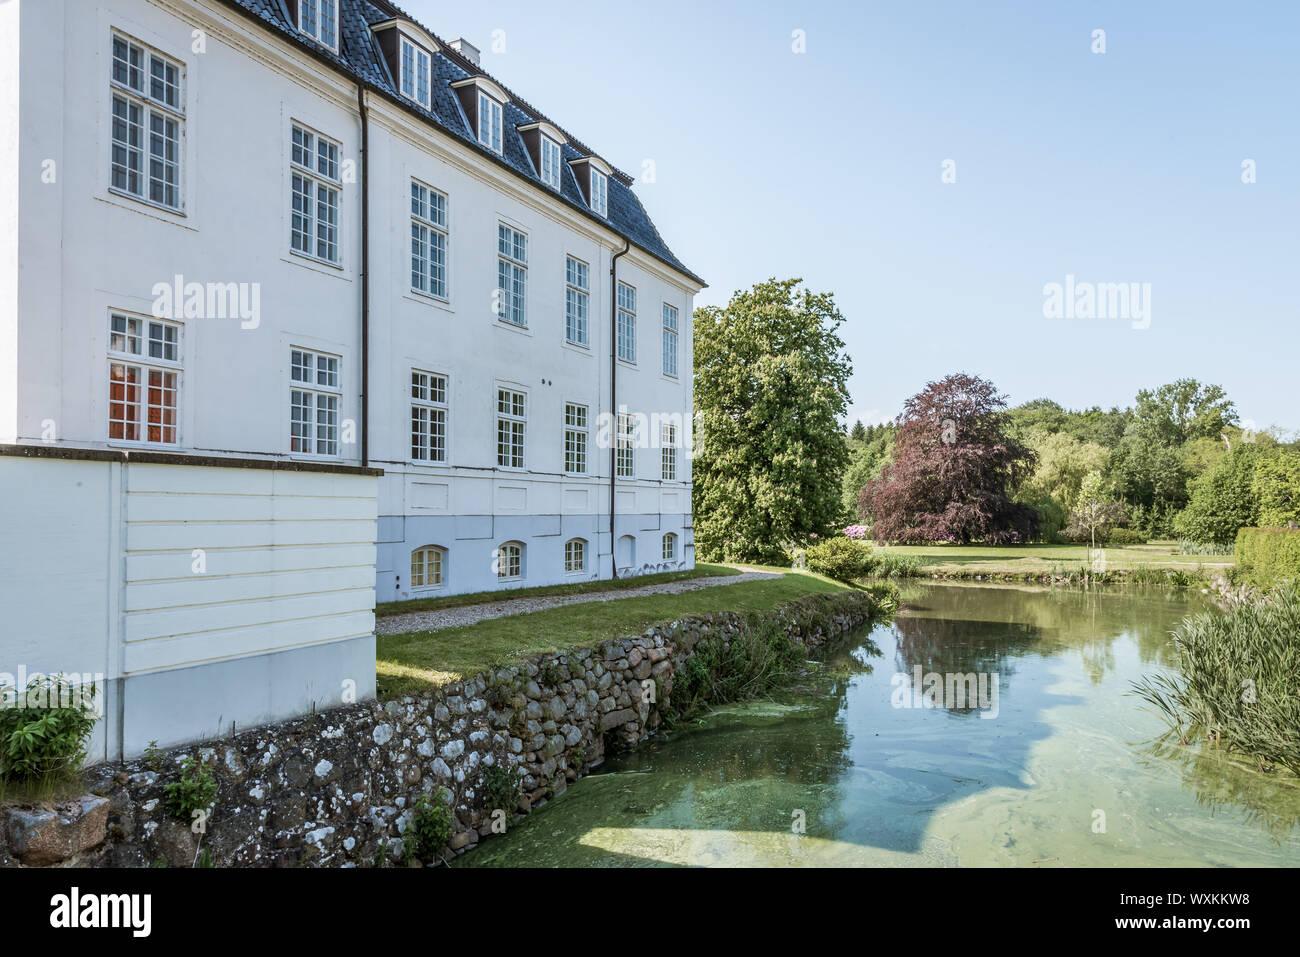 Hvidkilde Castillo en el sur de Funen, un gran edificio blanco con un foso, Fionia, Dinamarca, 12 de julio de 2019 Foto de stock